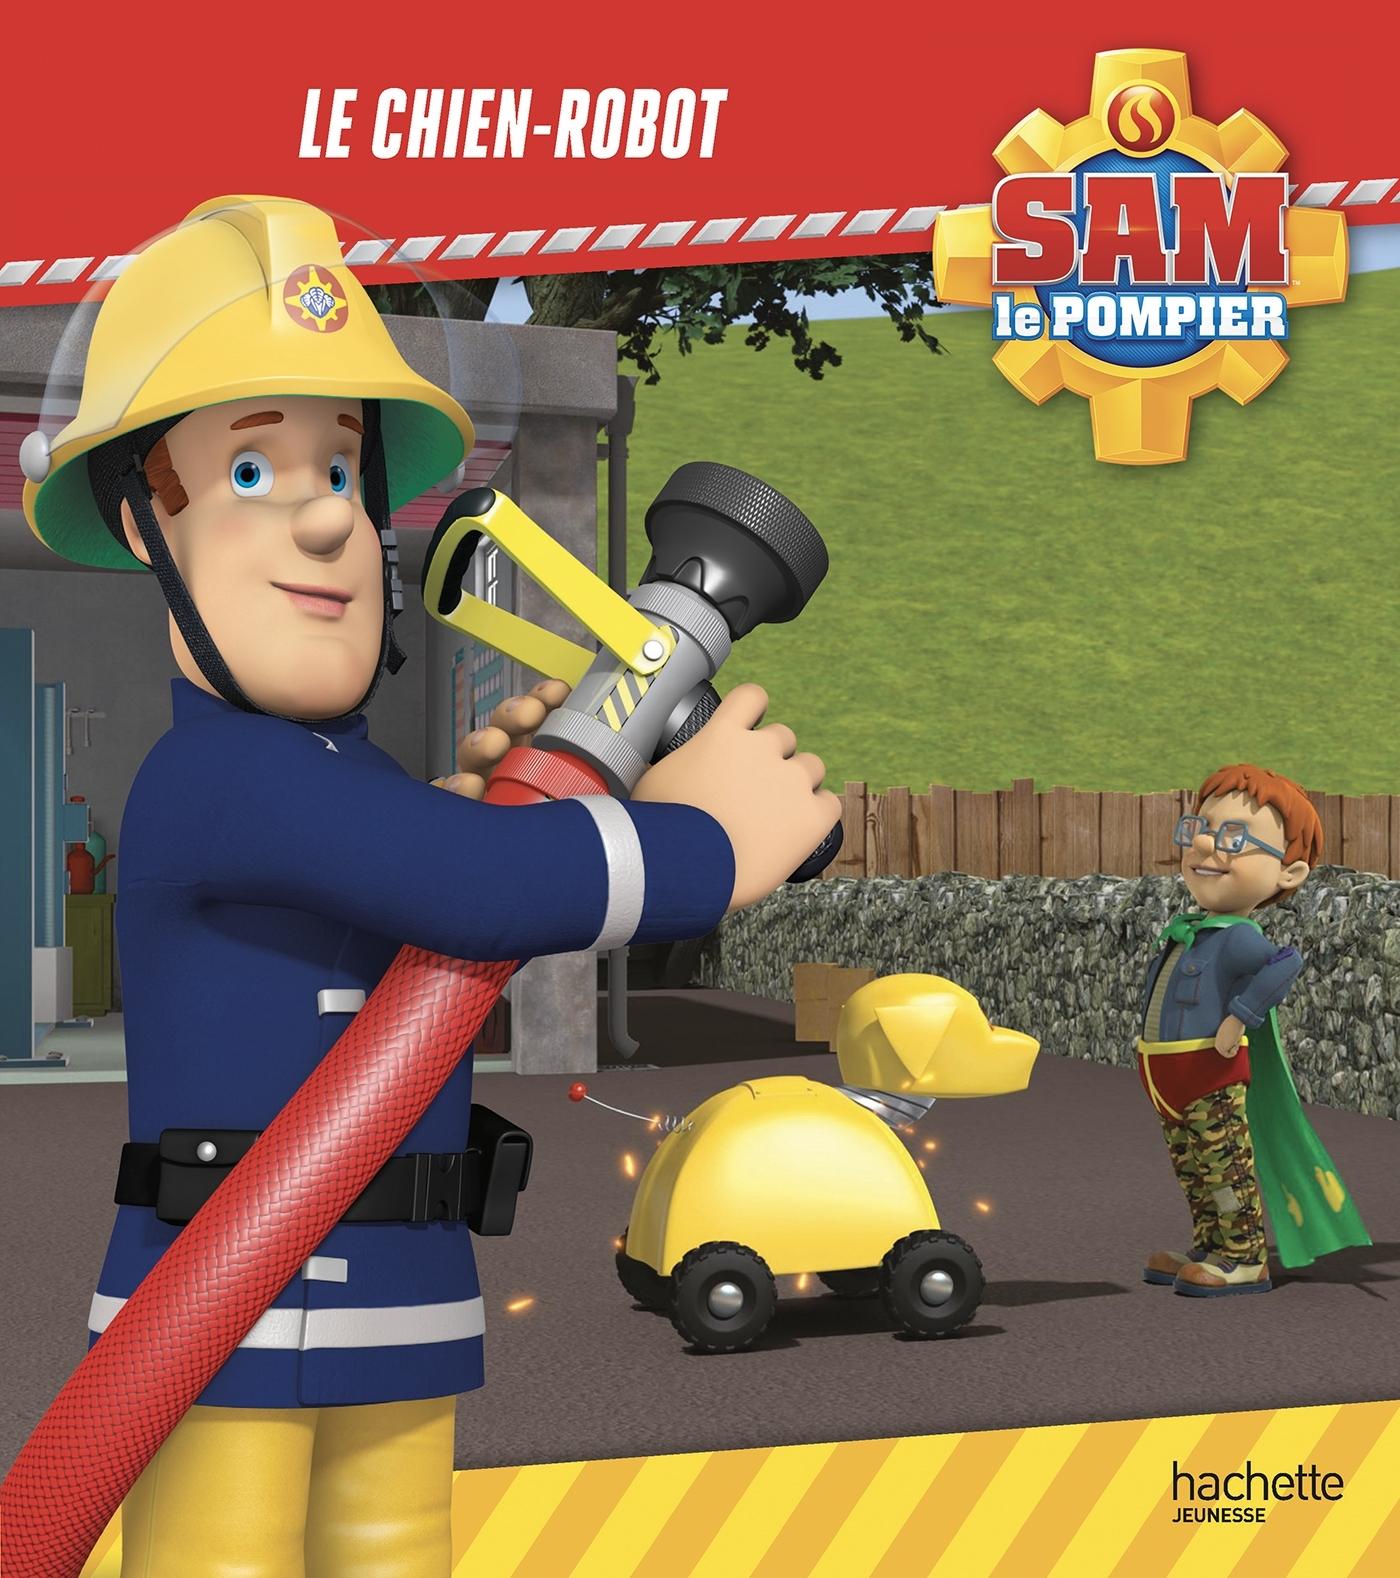 SAM LE POMPIER - LE CHIEN-ROBOT